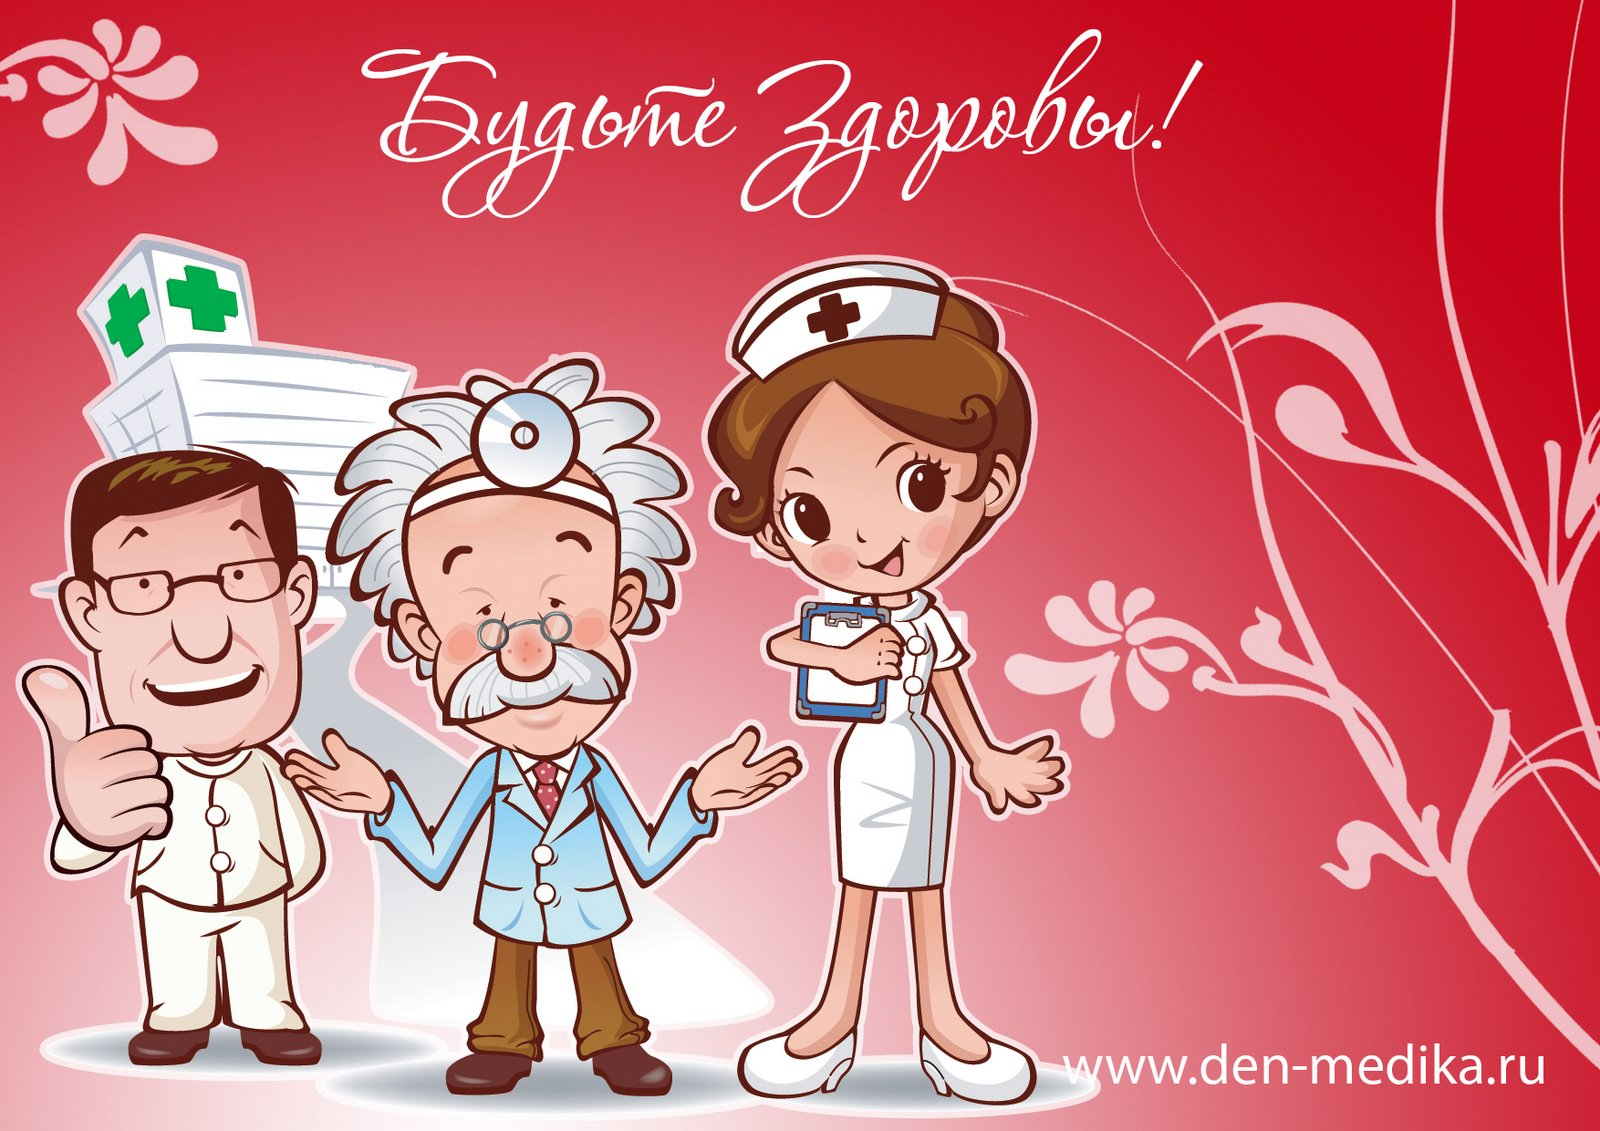 Прикольные поздравления с днем медика от медика медику смс короткие